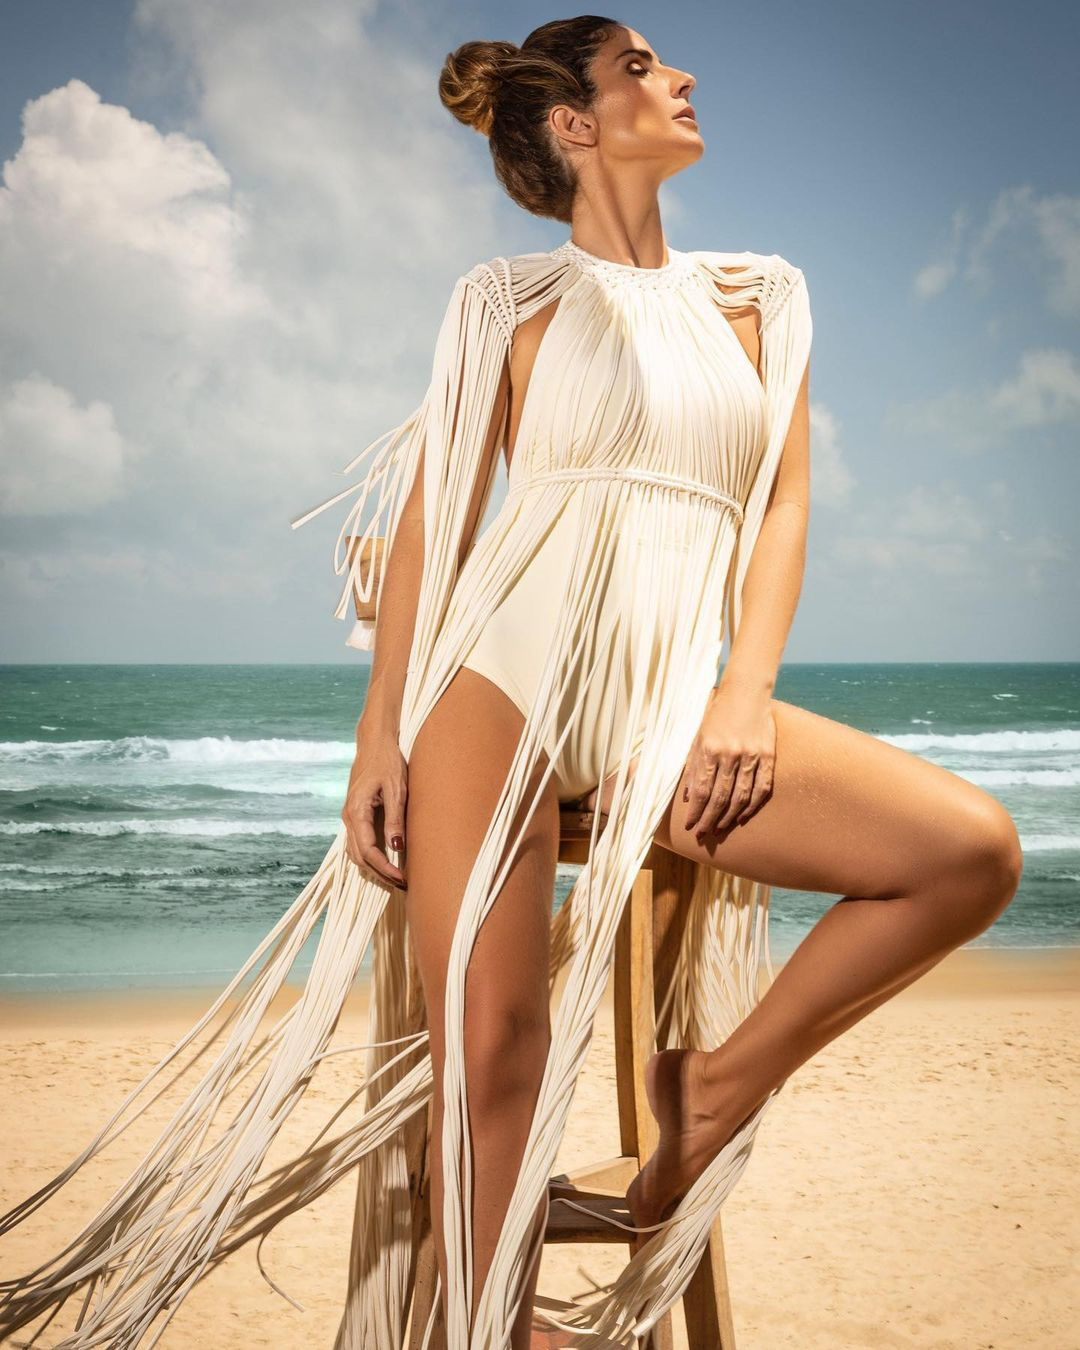 """SONHO DE VERÃO - A peça na modelo e proprietária da Bikiny Society, Paula Villas-Boas, vai além de um item para desfilar. É a realização de """"um sonho feito à mão"""", anunciou Paula, no Instagram, sobre a novidade. Presente na marca desde o início, a técnica de macramê reverbera como um diferencial em seus designs. """"Brazilian soulmade"""" que chama"""